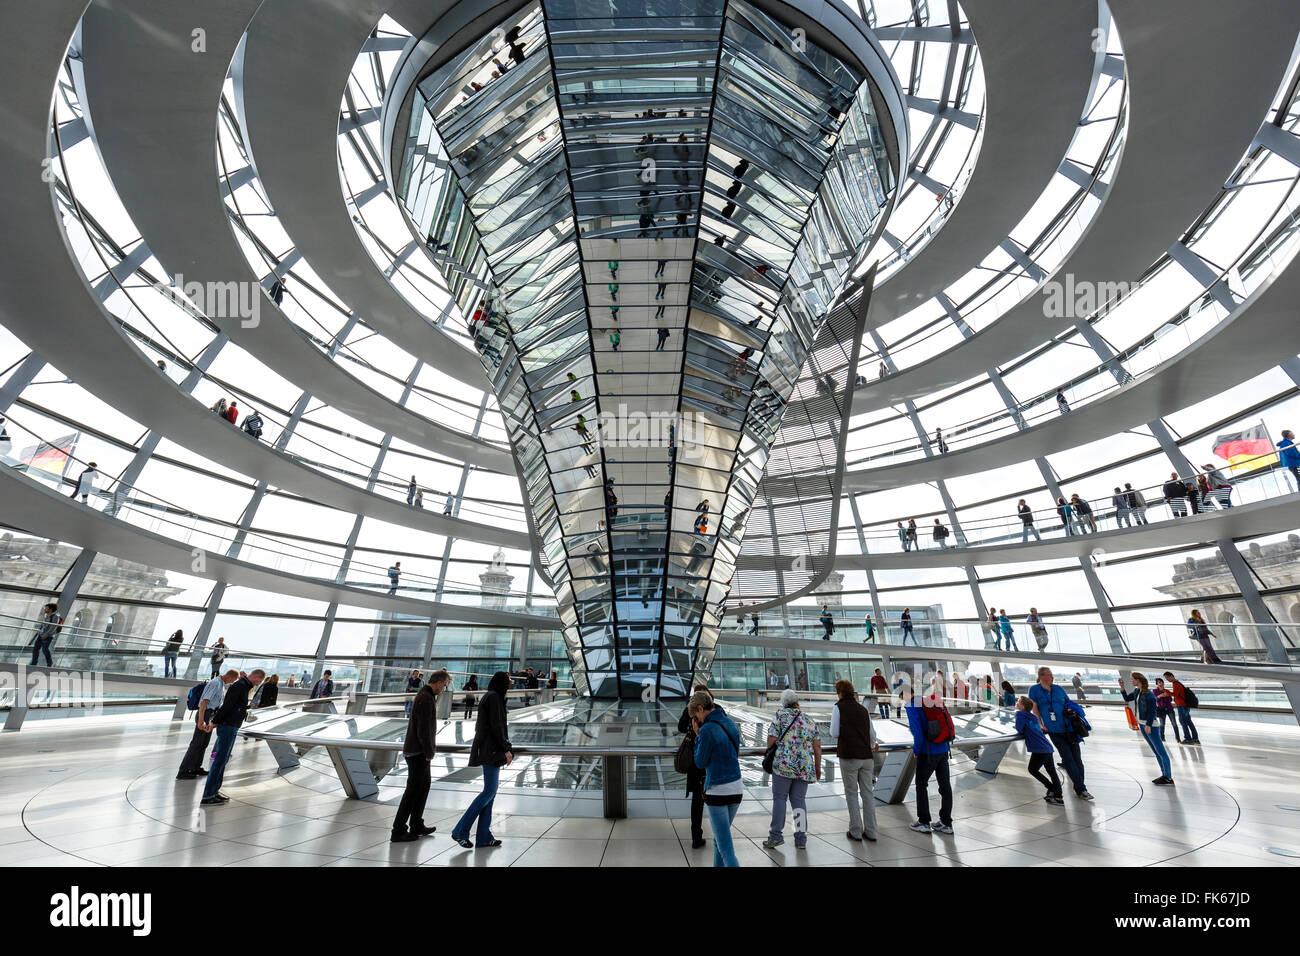 Die Reichstagskuppel, deutsche Parlamentsgebäude, Mitte, Berlin, Deutschland, Europa Stockbild